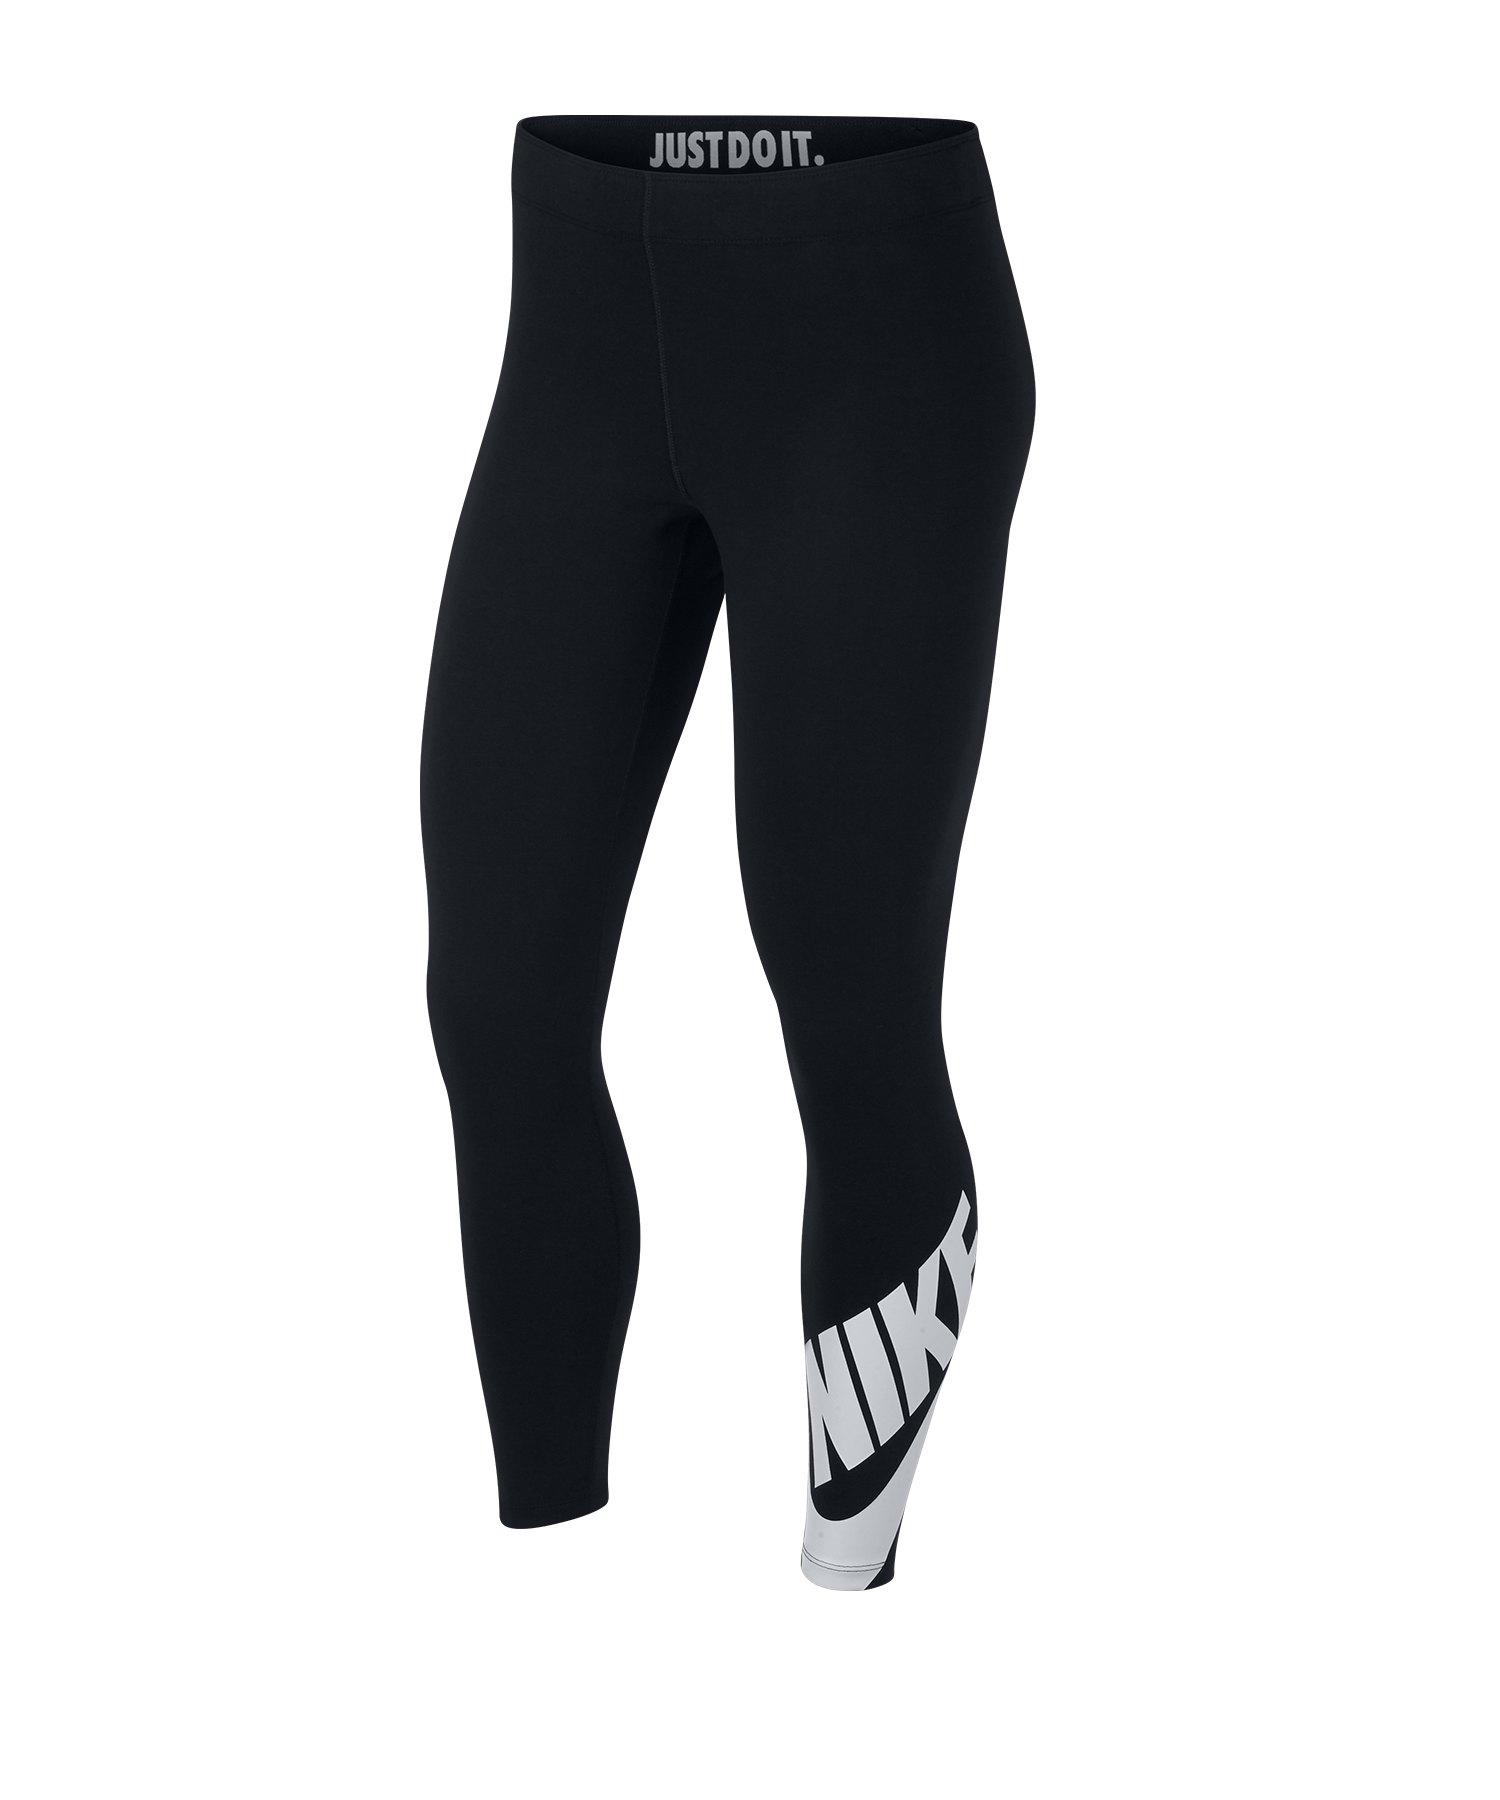 a8ad1fd92abe69 Nike Leg-A-See 7/8 Leggings Damen Schwarz F010 |Strasse | Textilien ...